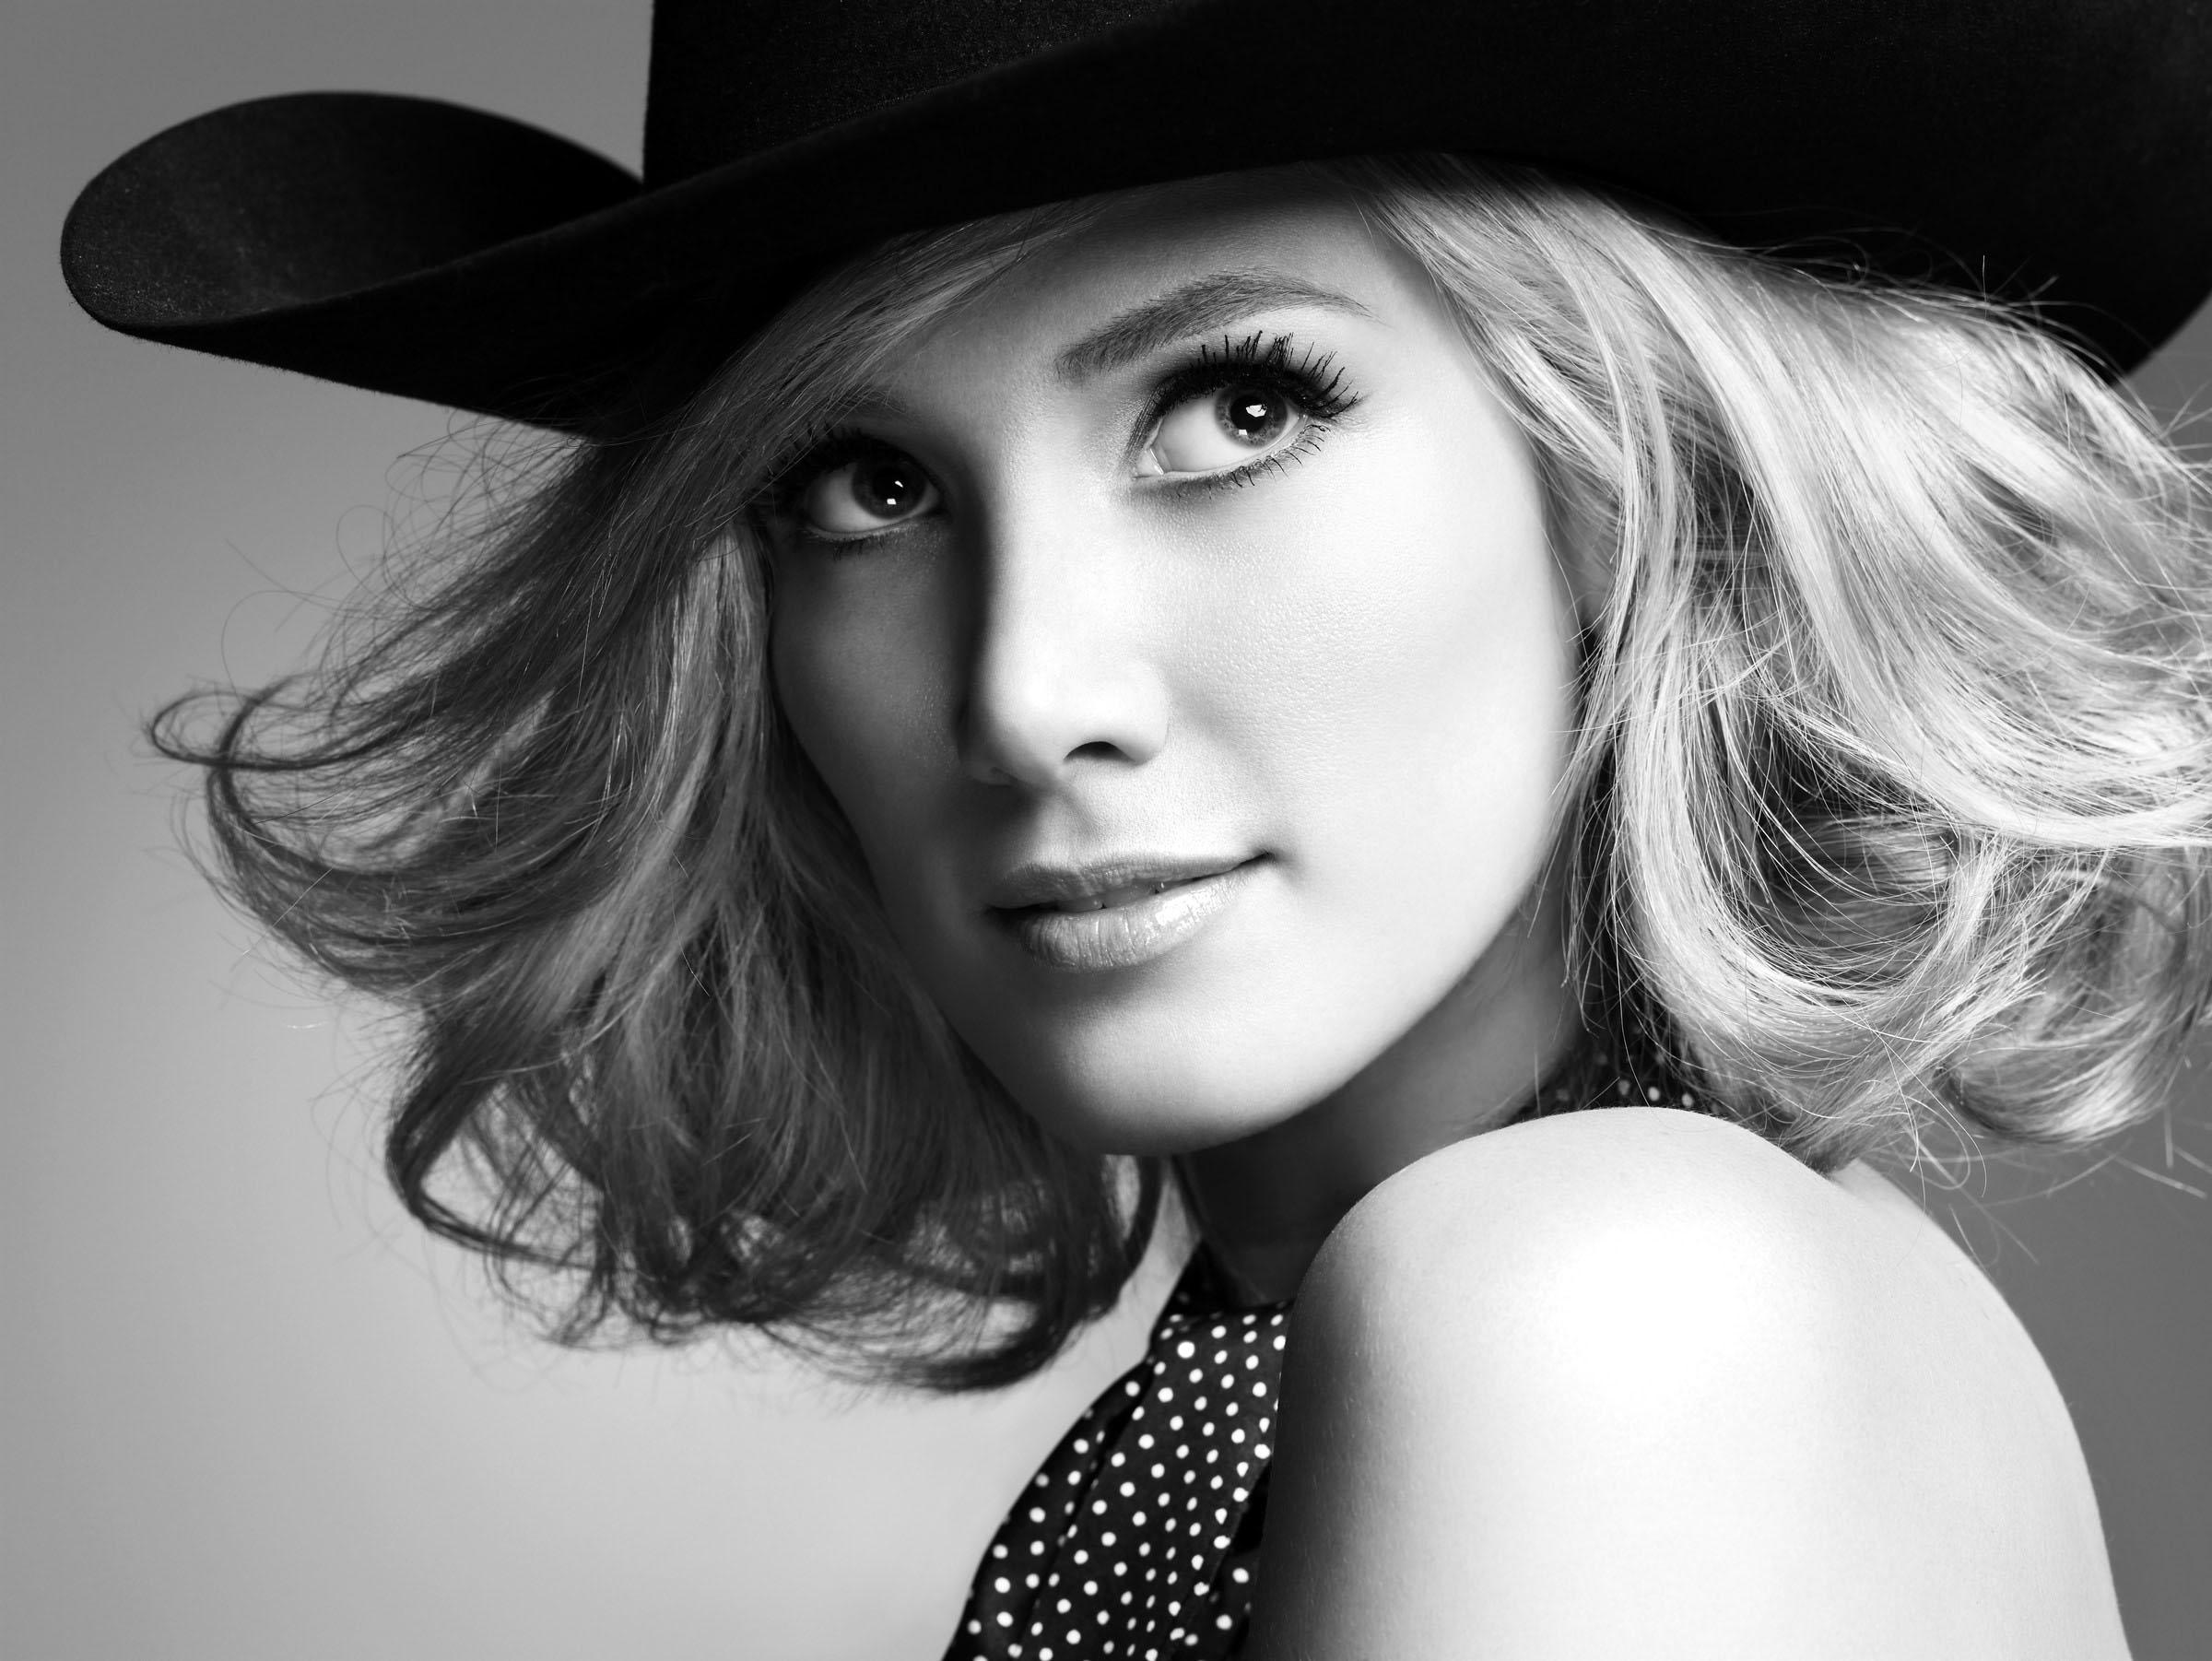 Фото красивых девушек блондинок с цветами черно белые 17 фотография